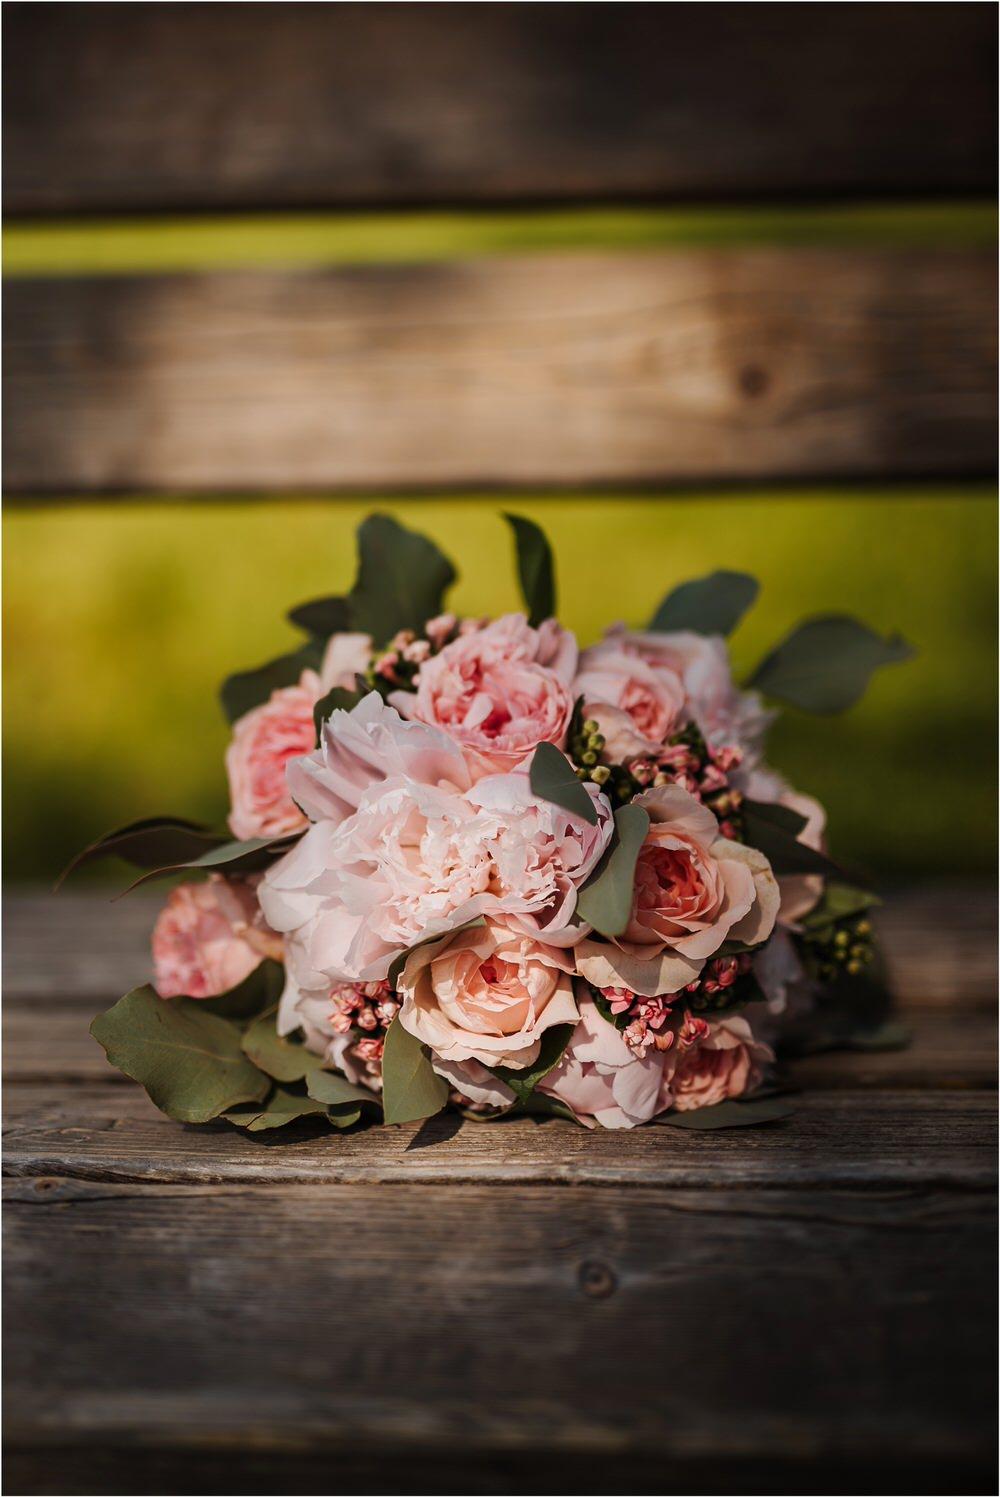 trippelgut kaernten oesterreich hochzeit fotograf phtoographer austria elegant wedding hochzeitsfotograf hochzeitsfotografie 0091.jpg